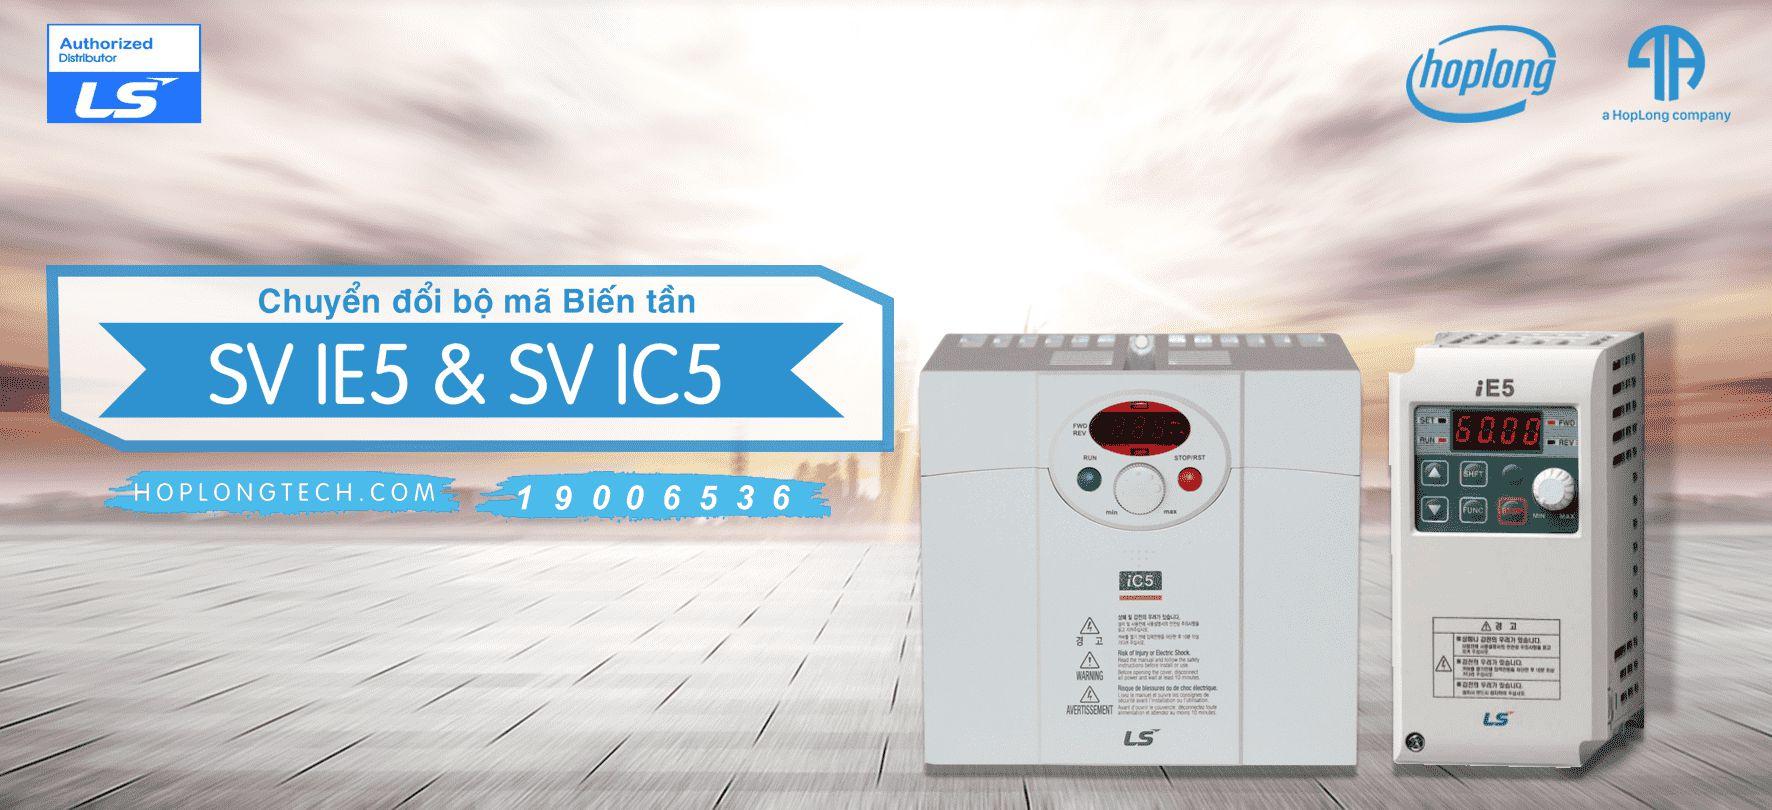 [LS-Thông Báo] Chuyển đổi bộ mã Biến tần SV IE5 và SV IC5